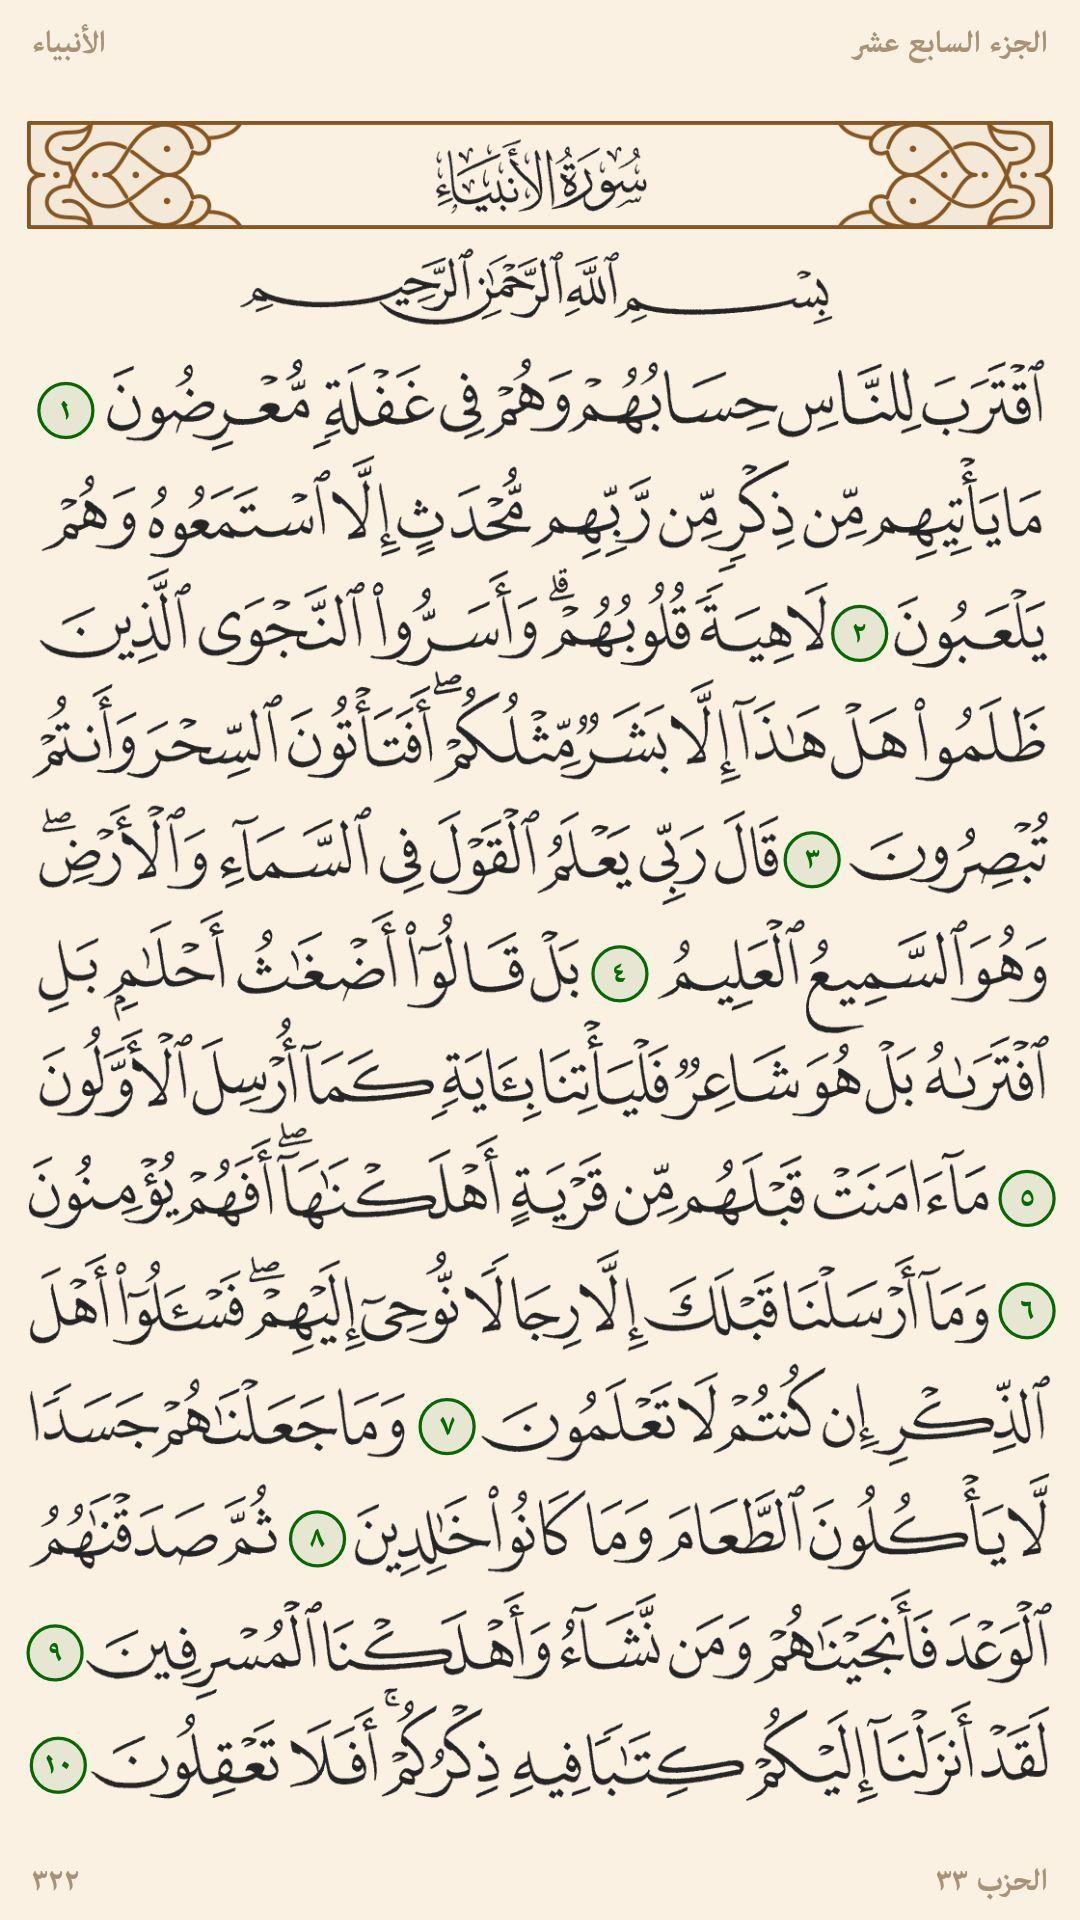 ١ : ١٠- الأنبياء  / المصحف المرتل صفحات : عبد الباسط